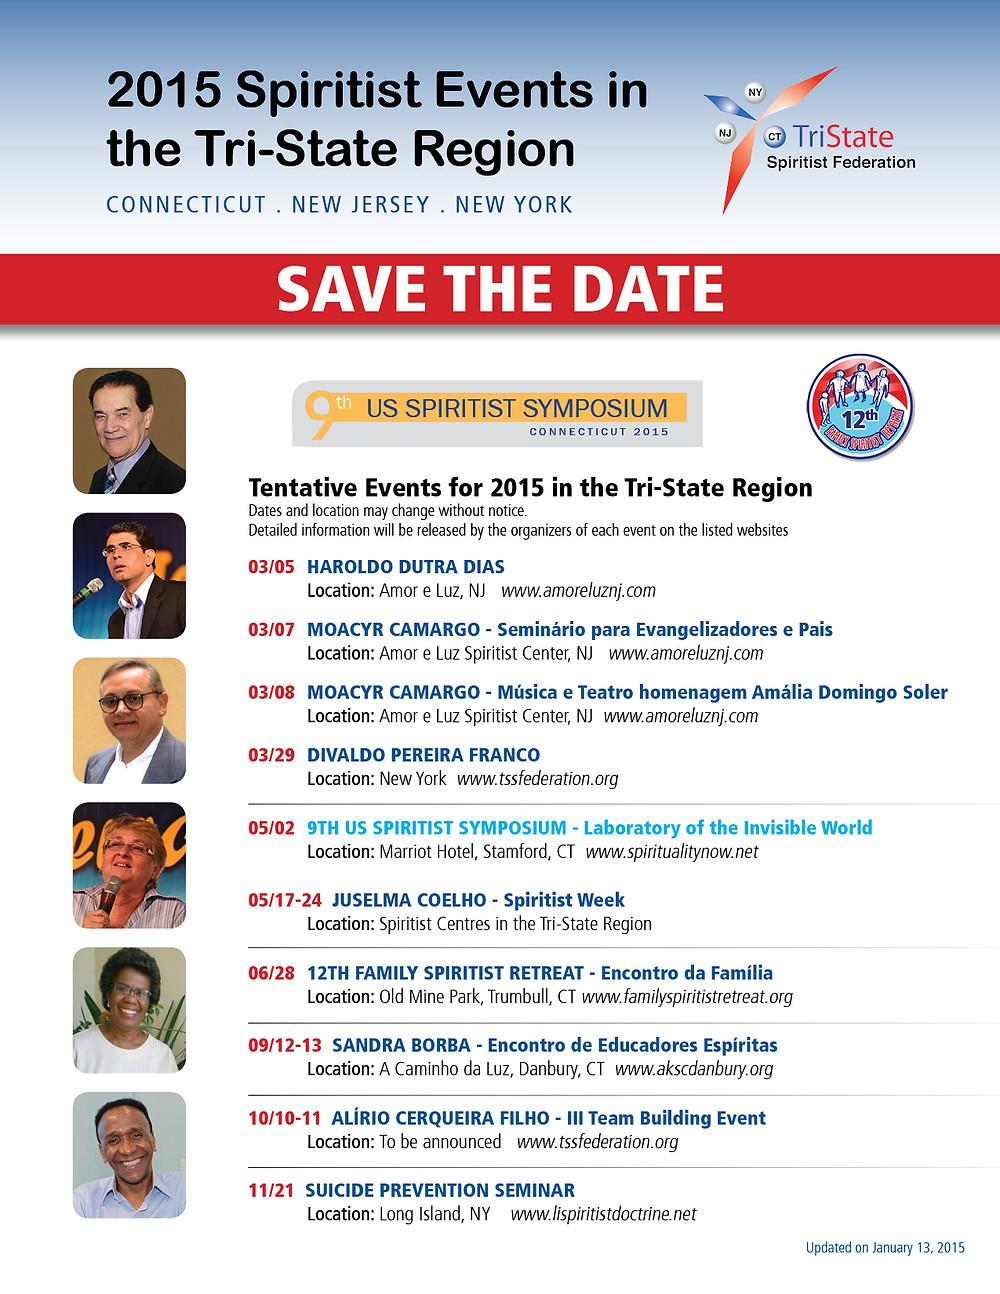 2015-spiritist-events-tristate.jpg